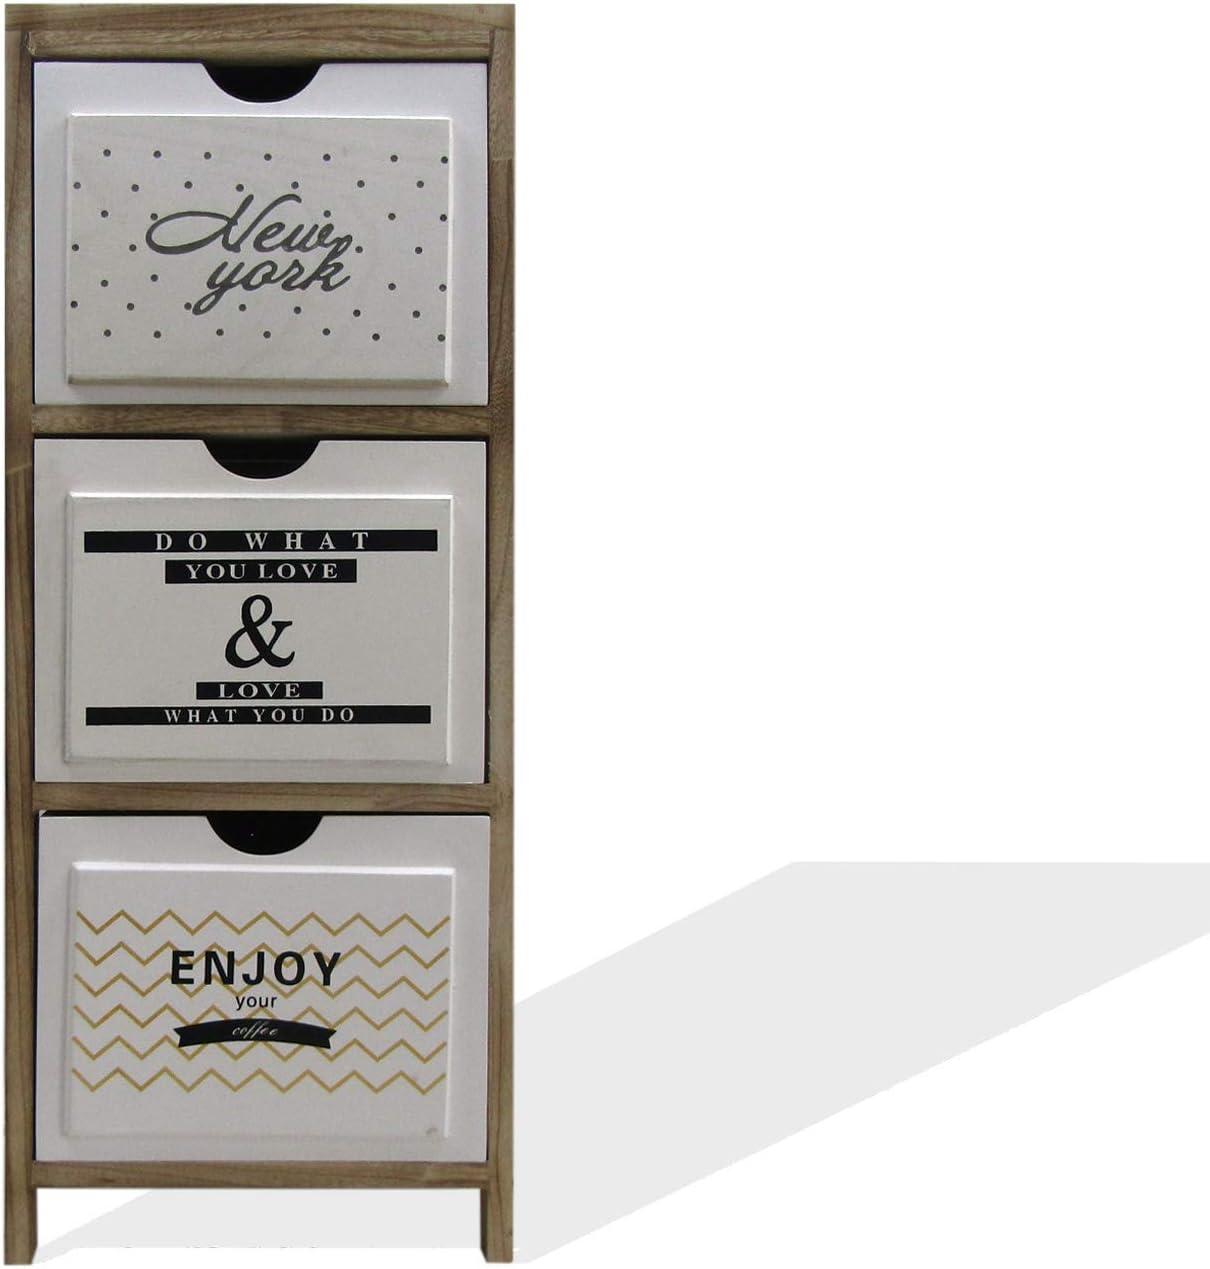 Cassettiera 3 Cassetti Stile Scandinavo - Art Misure: 79 x 30 x 24 cm RE6502 Legno per Arredo Camera Salotto Rebecca Mobili Comodino Stretto Marrone Chiaro Bianco HxLxP